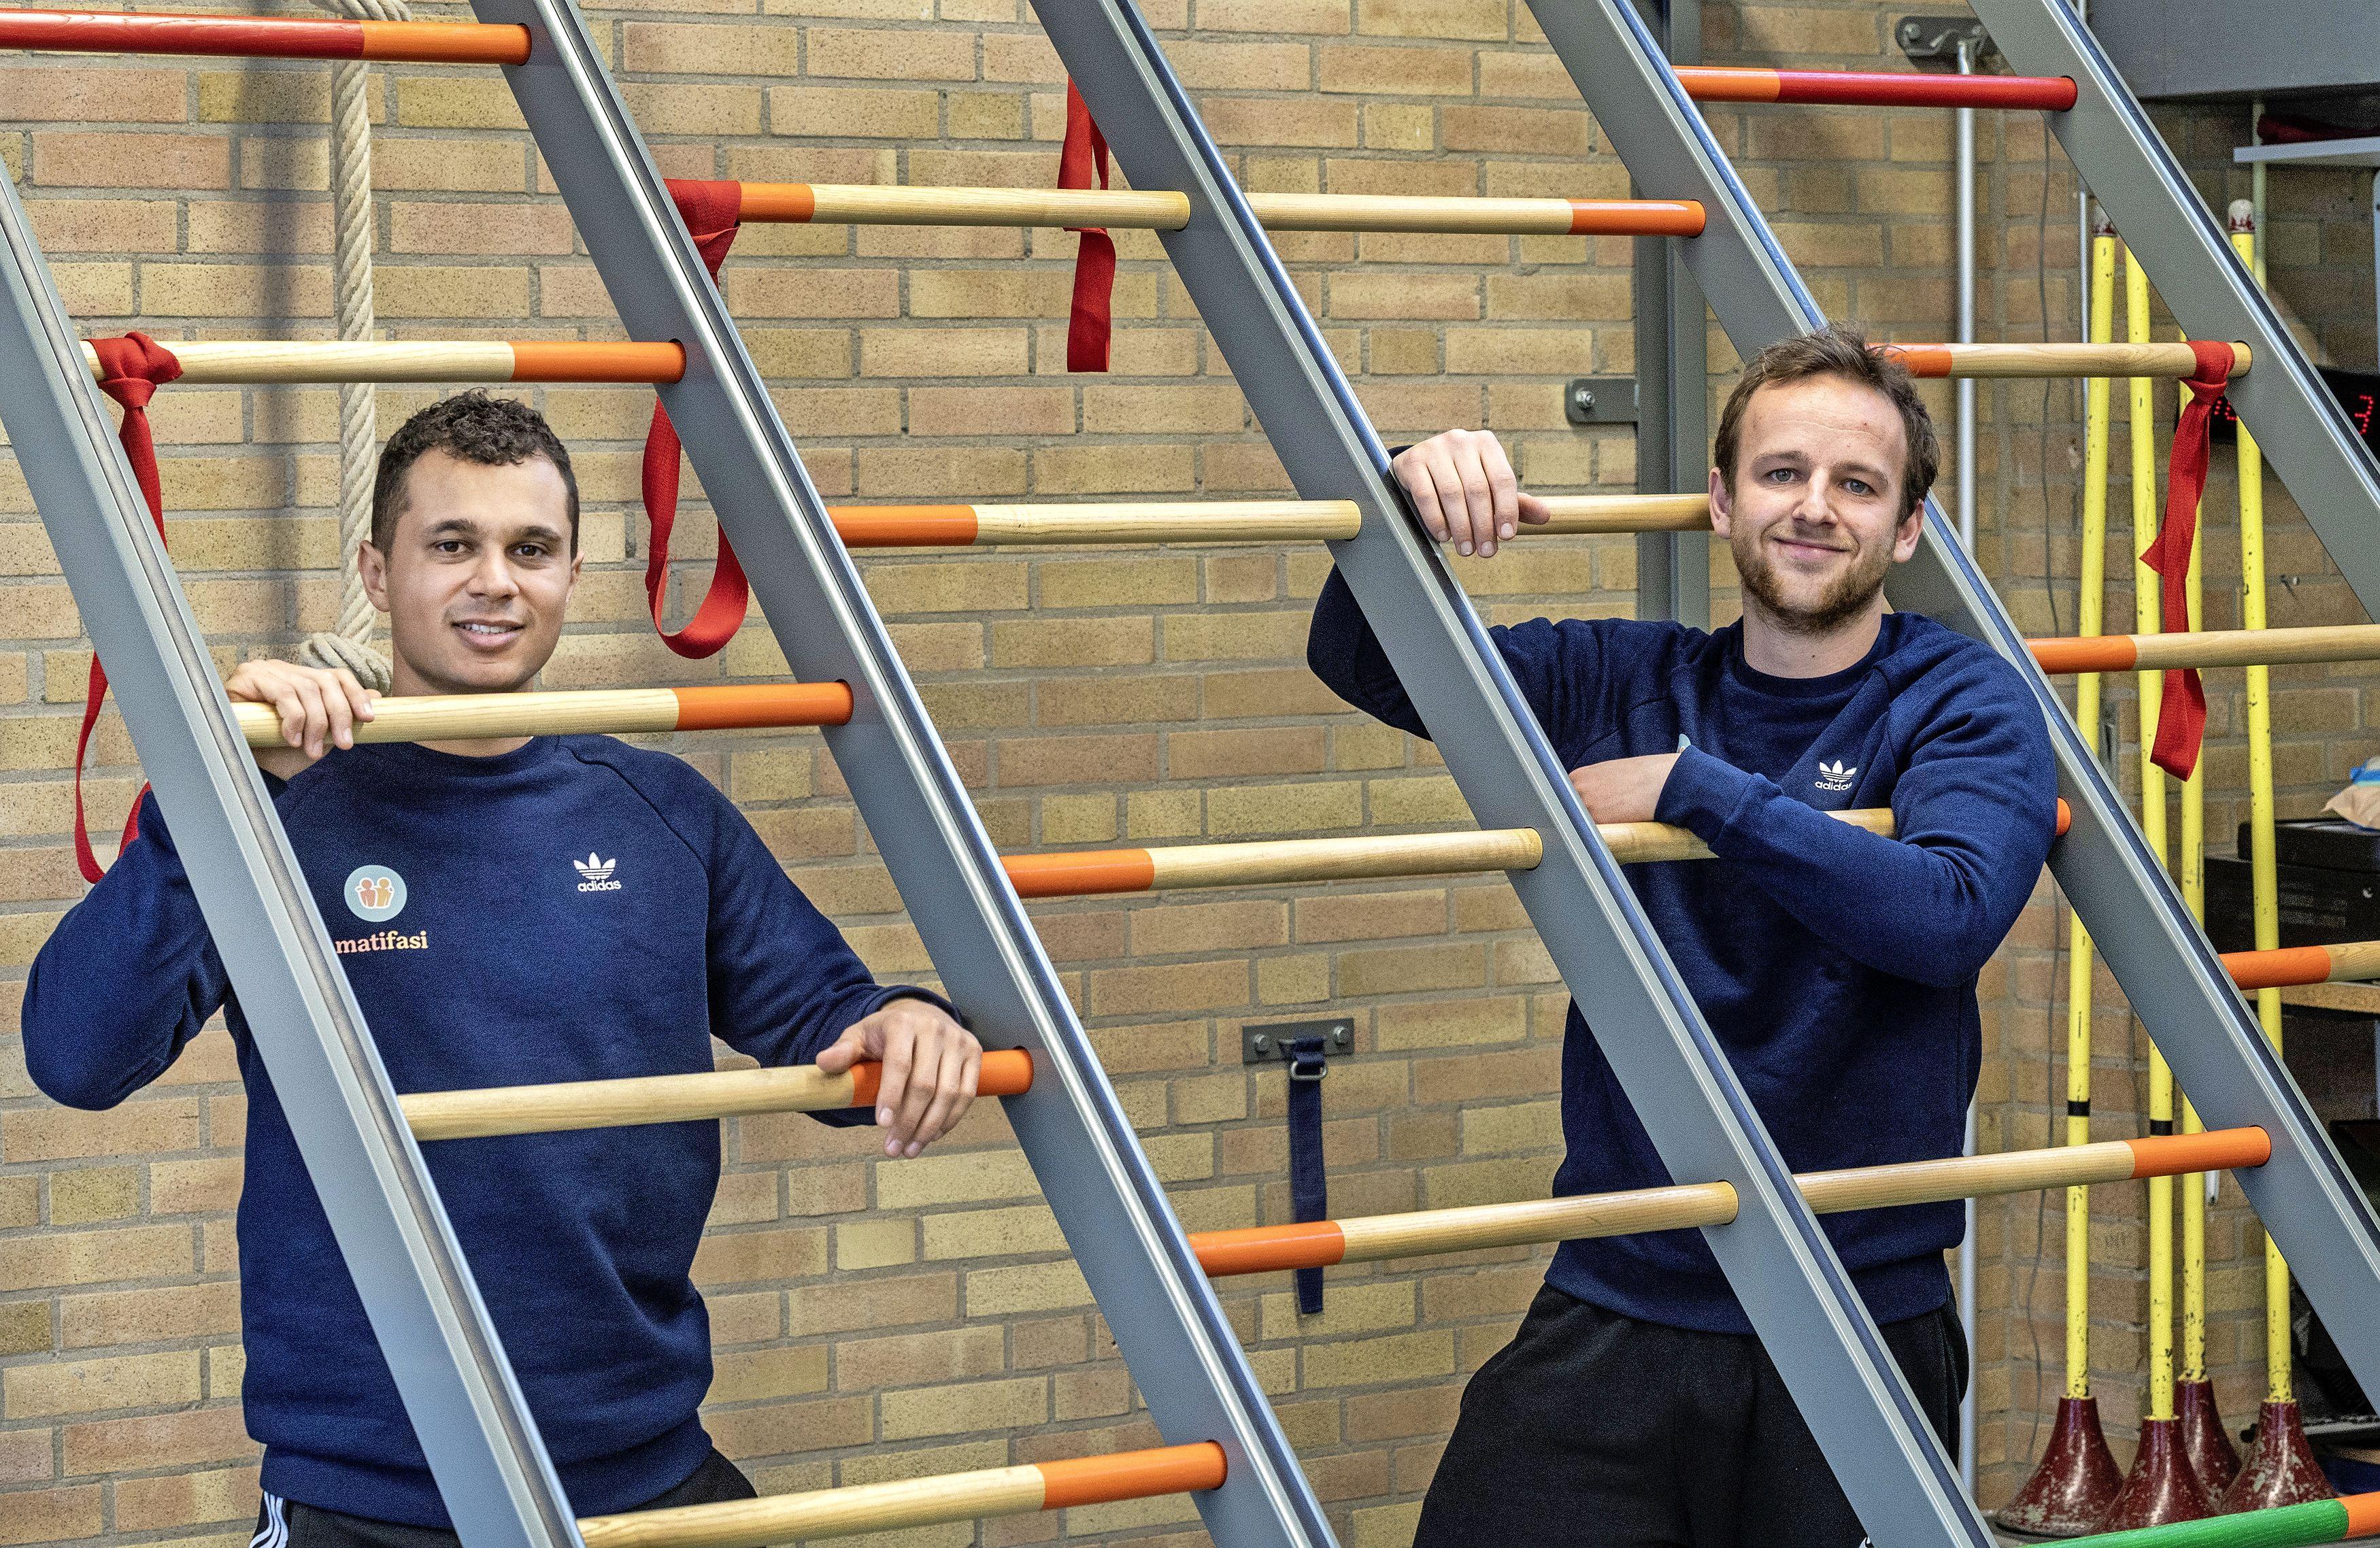 Gymleraren helpen jongeren met een beperking in coronatijd: 'Een kast is als Mount Everest. Klimmen ze daaroverheen, dan is 't feest'